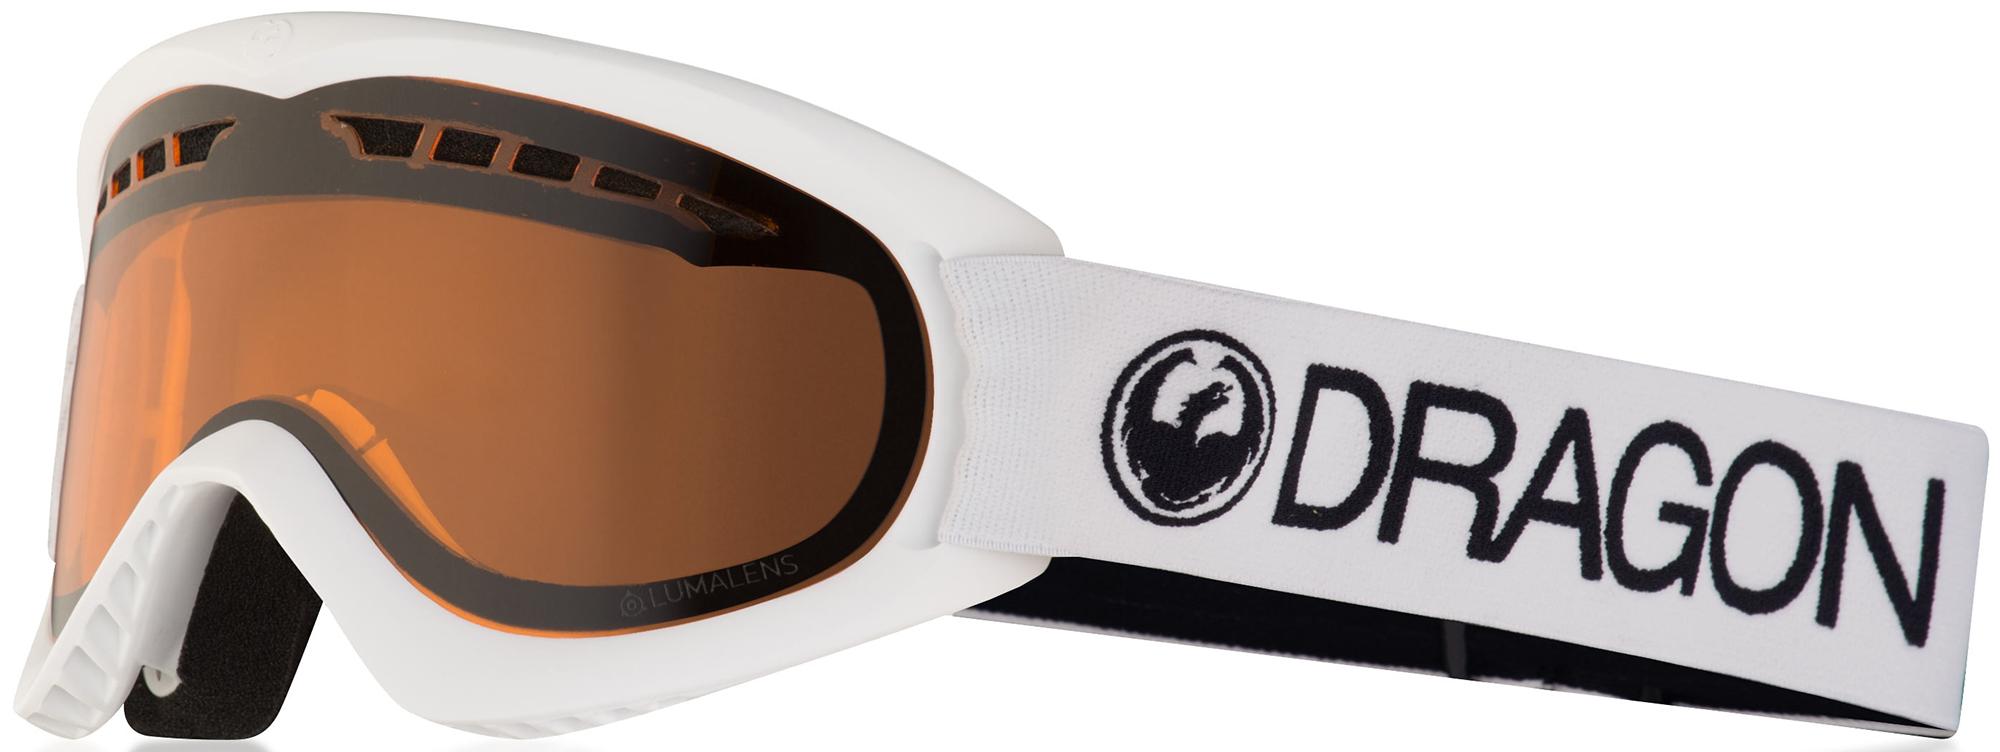 Dragon Маска сноубордическая Dragon DX